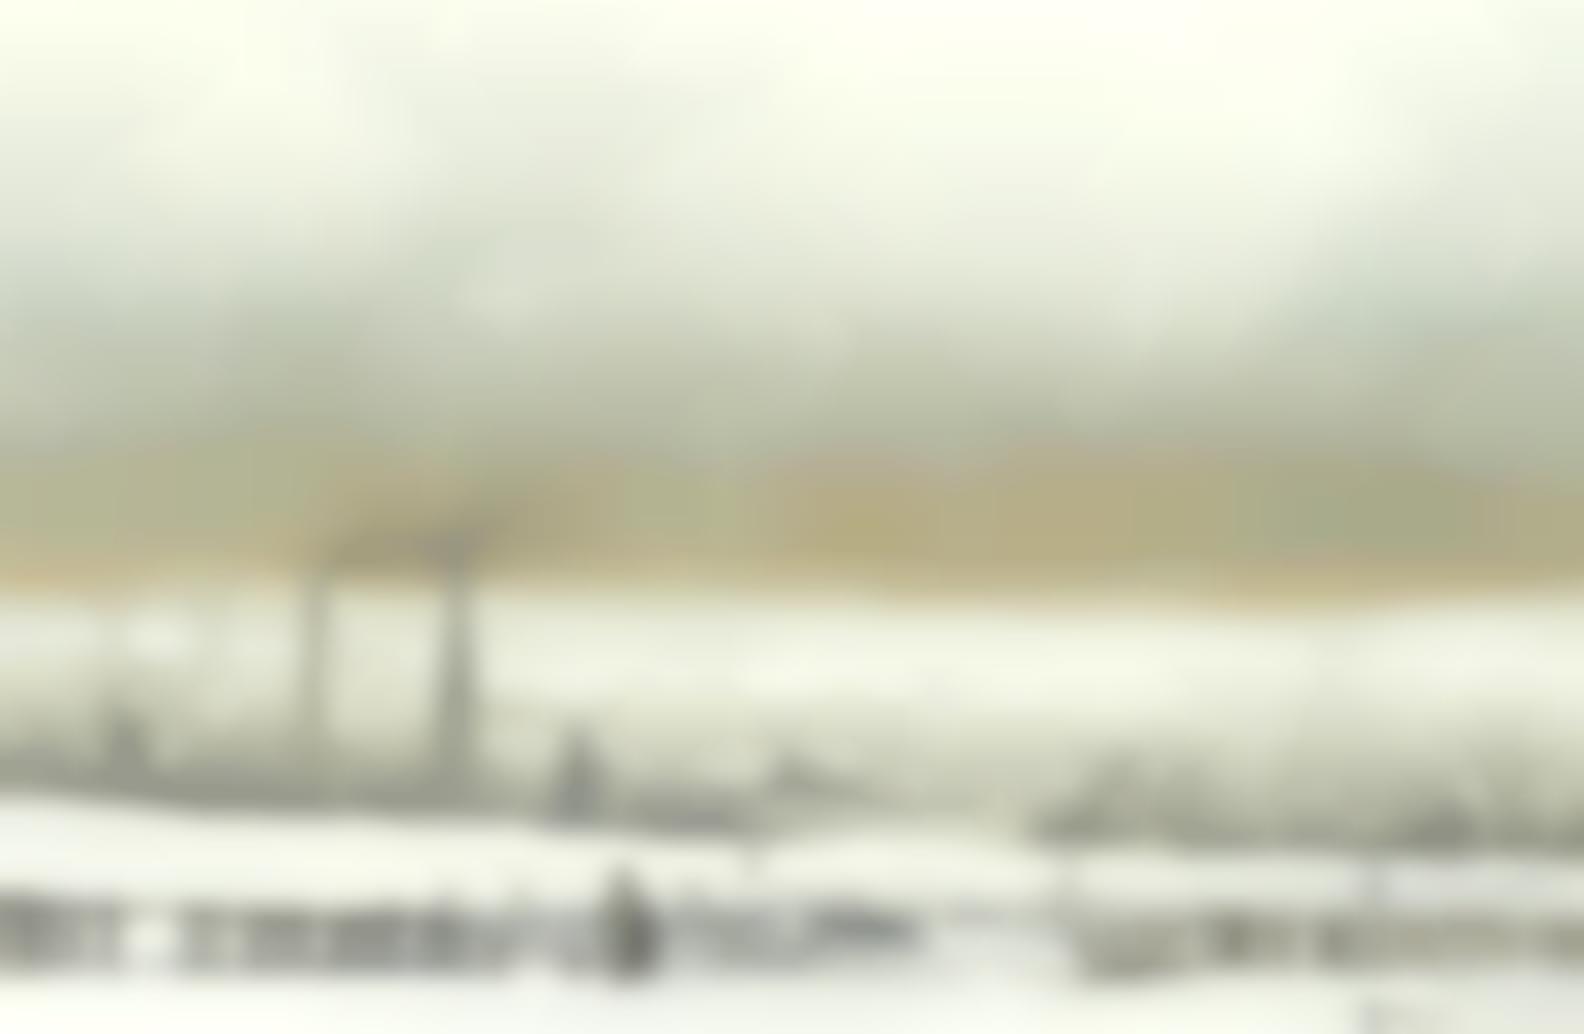 Brian Shields - Industrial Landscape, Winter-